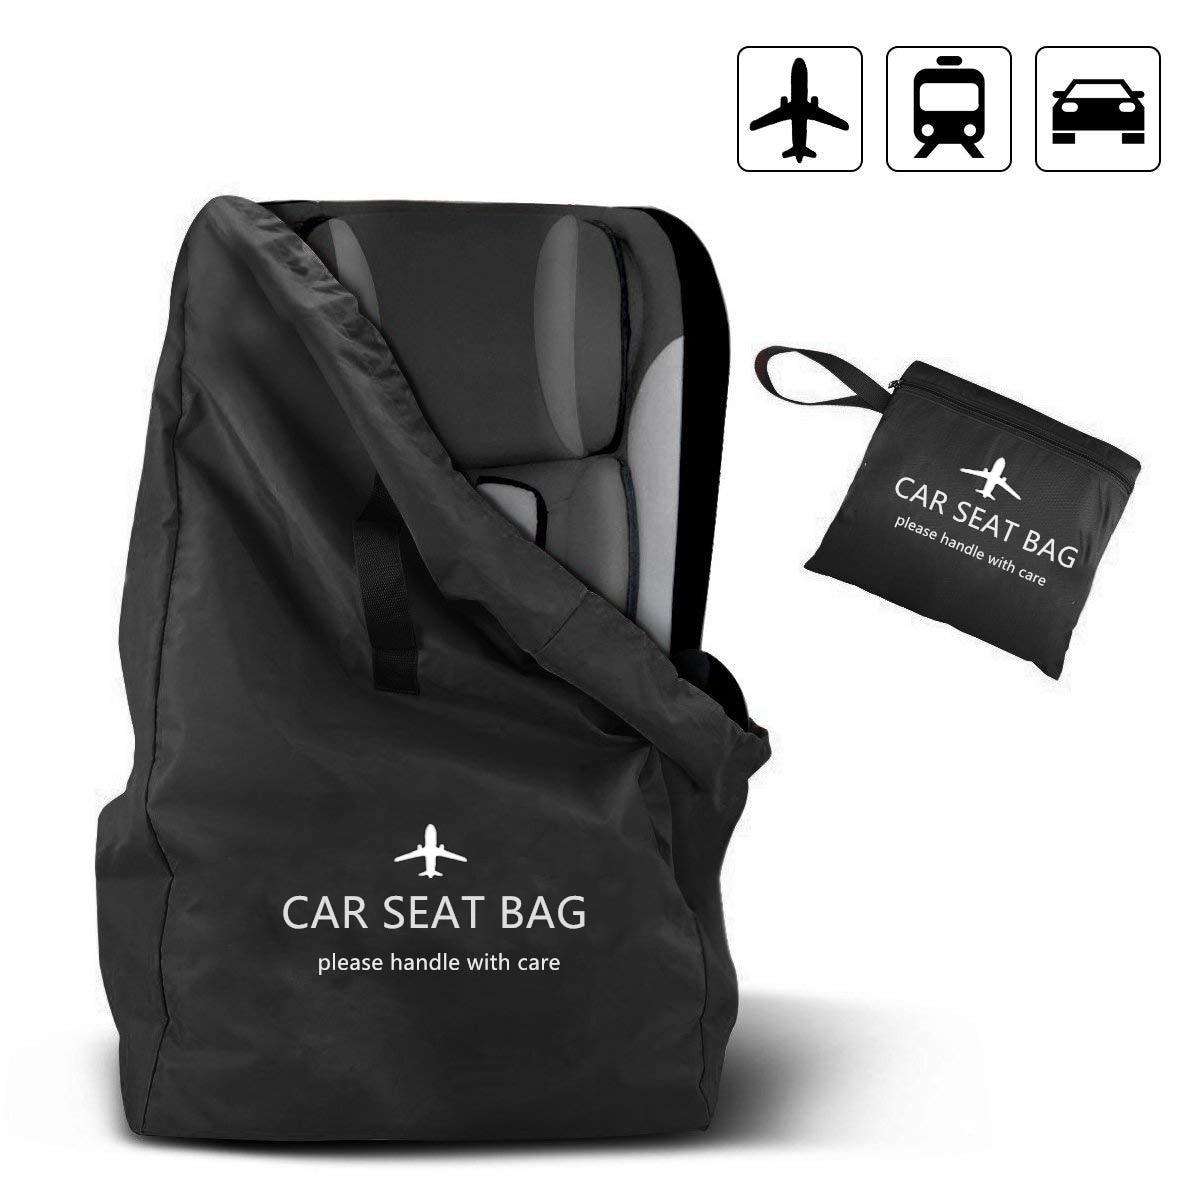 Дорожная сумка для детского автокресла, органайзер для детского автокресла, для безопасности, для полета, коляски, ворот, багги